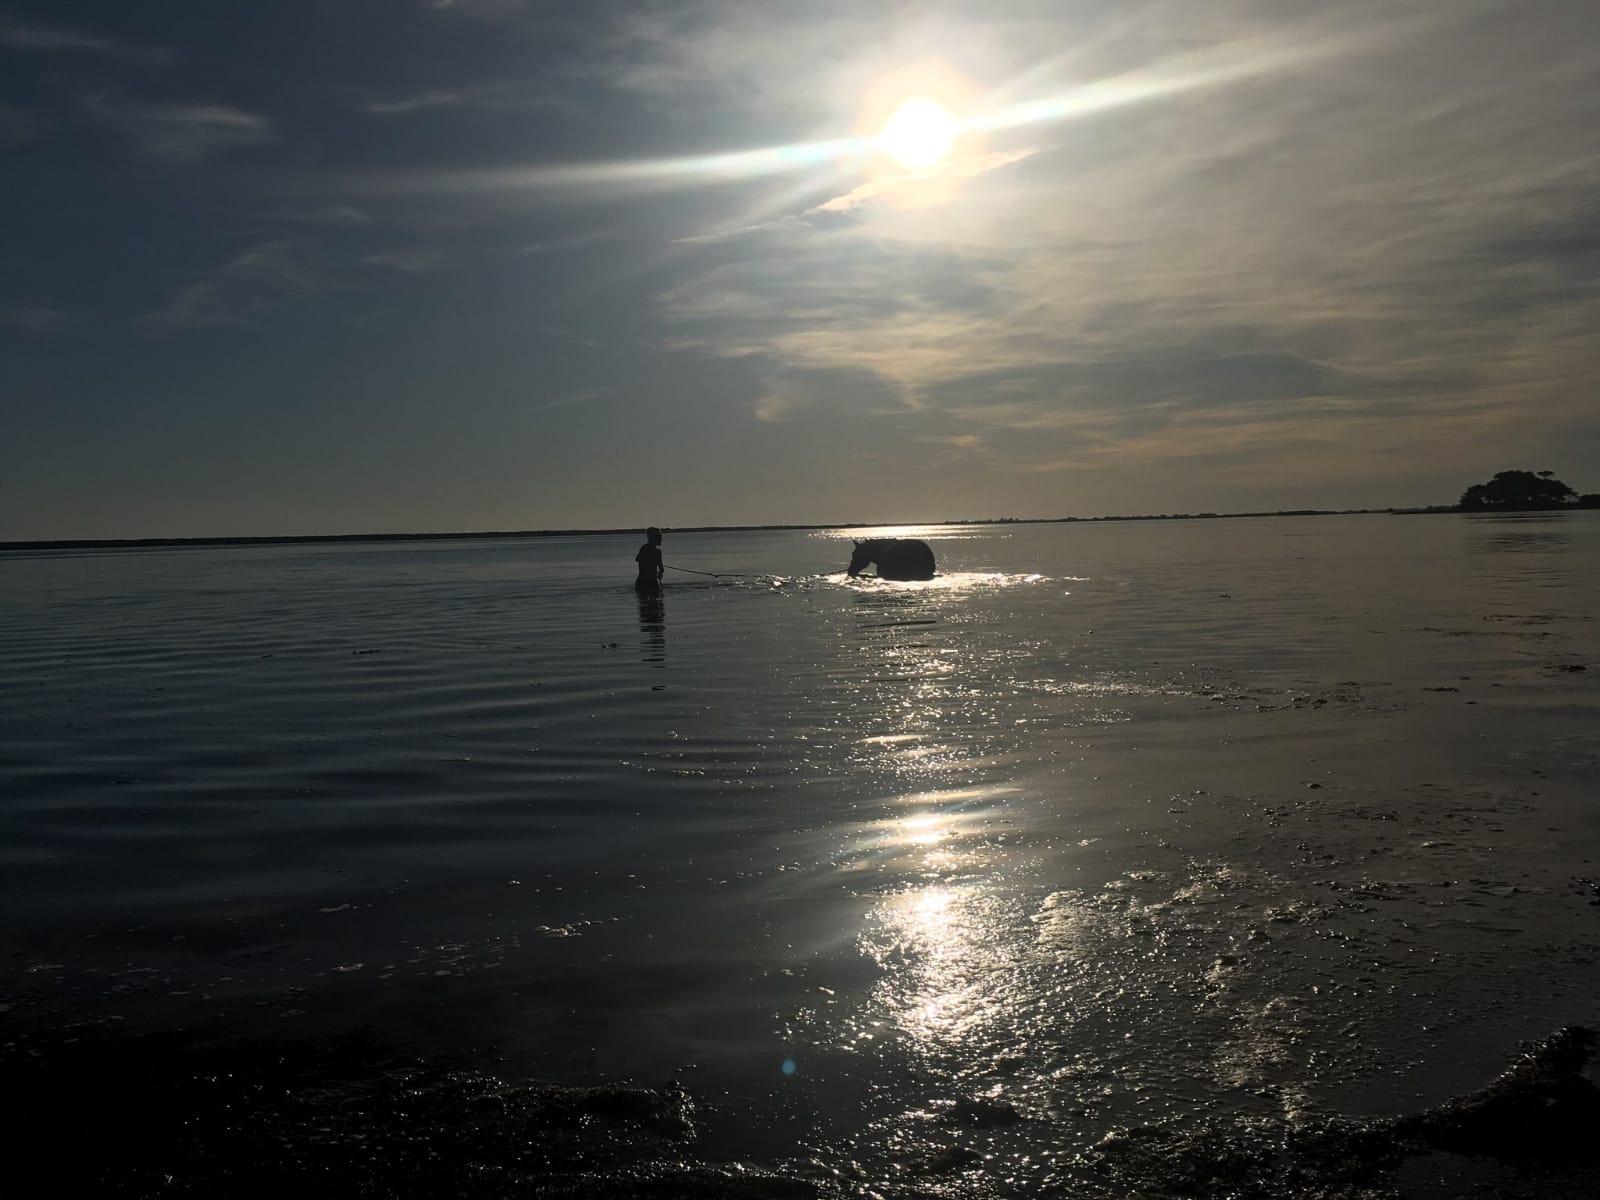 Baignade en soirée dans la Petite mer de Gâvres 16 septembre 2019